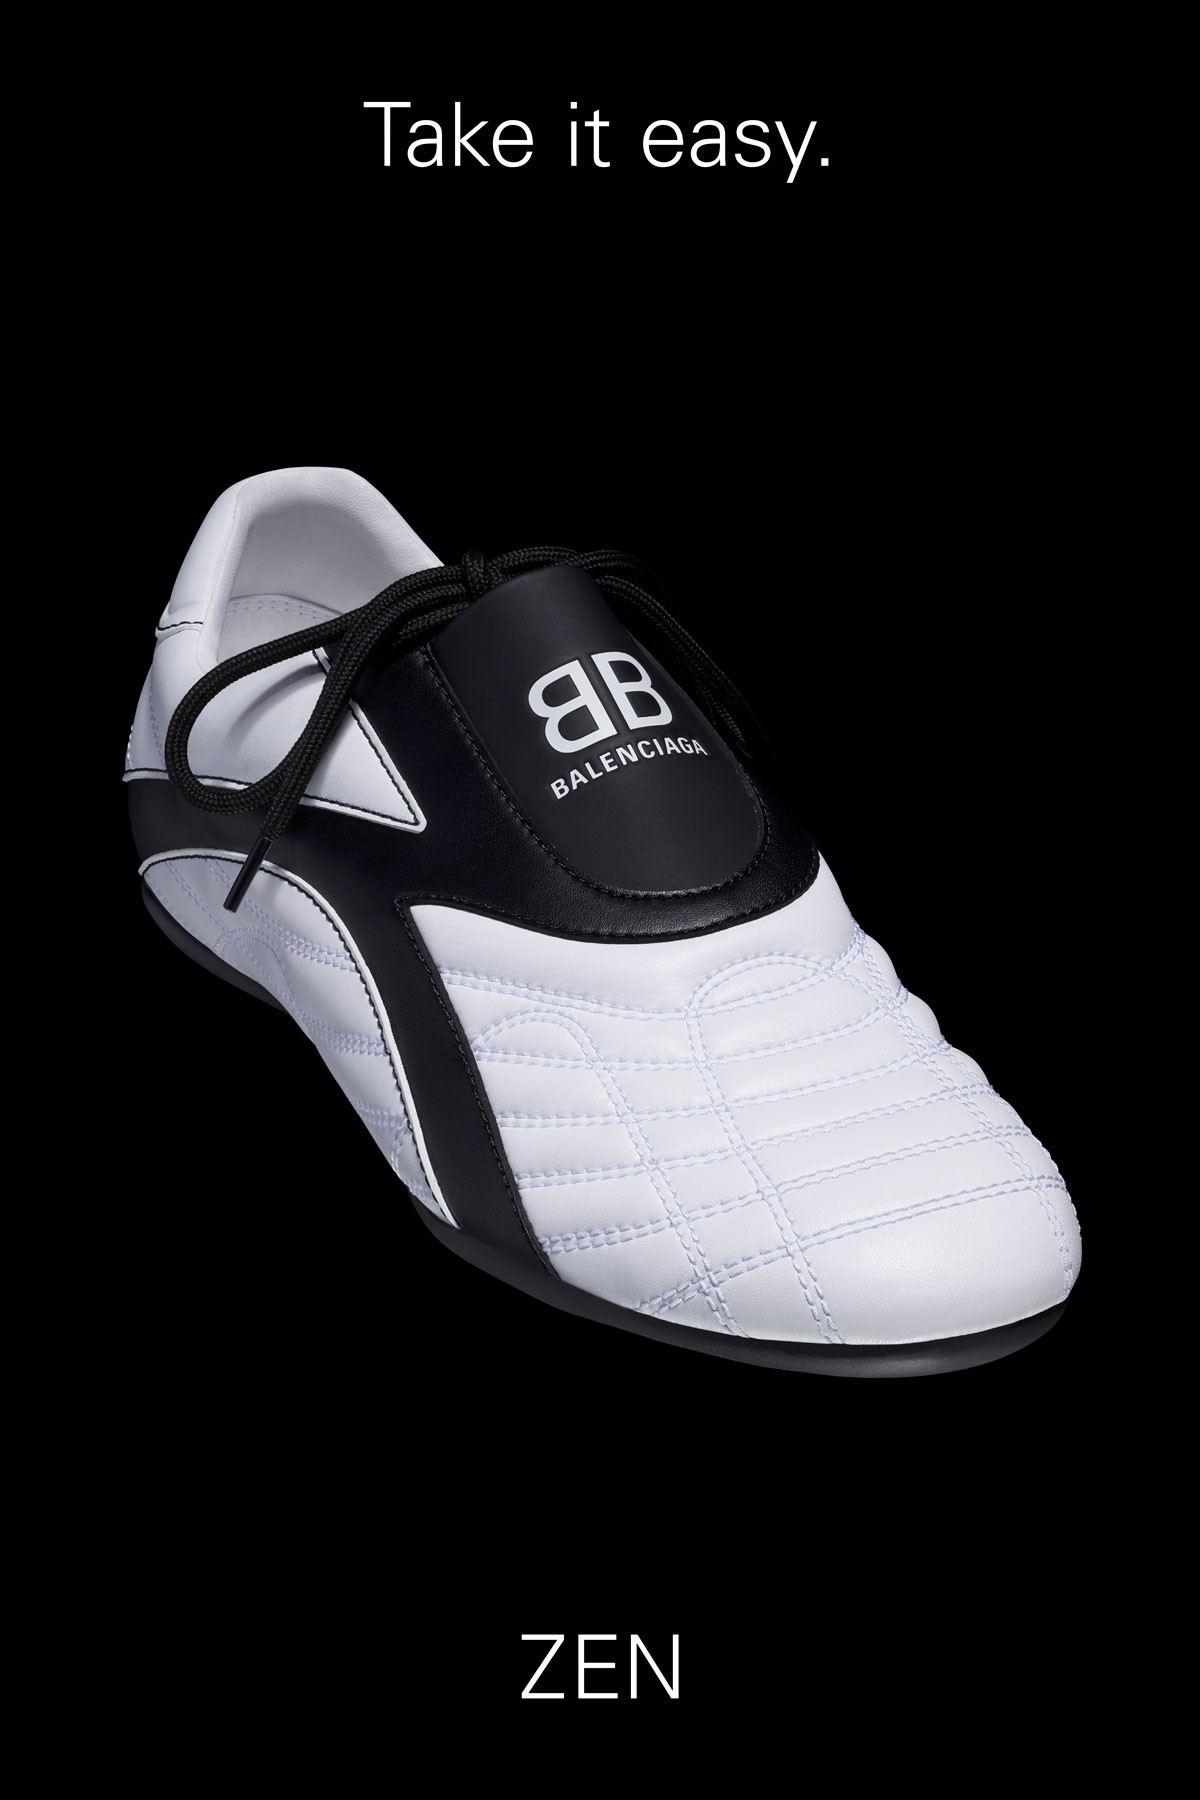 Balenciaga Introduces New Zen Sneaker